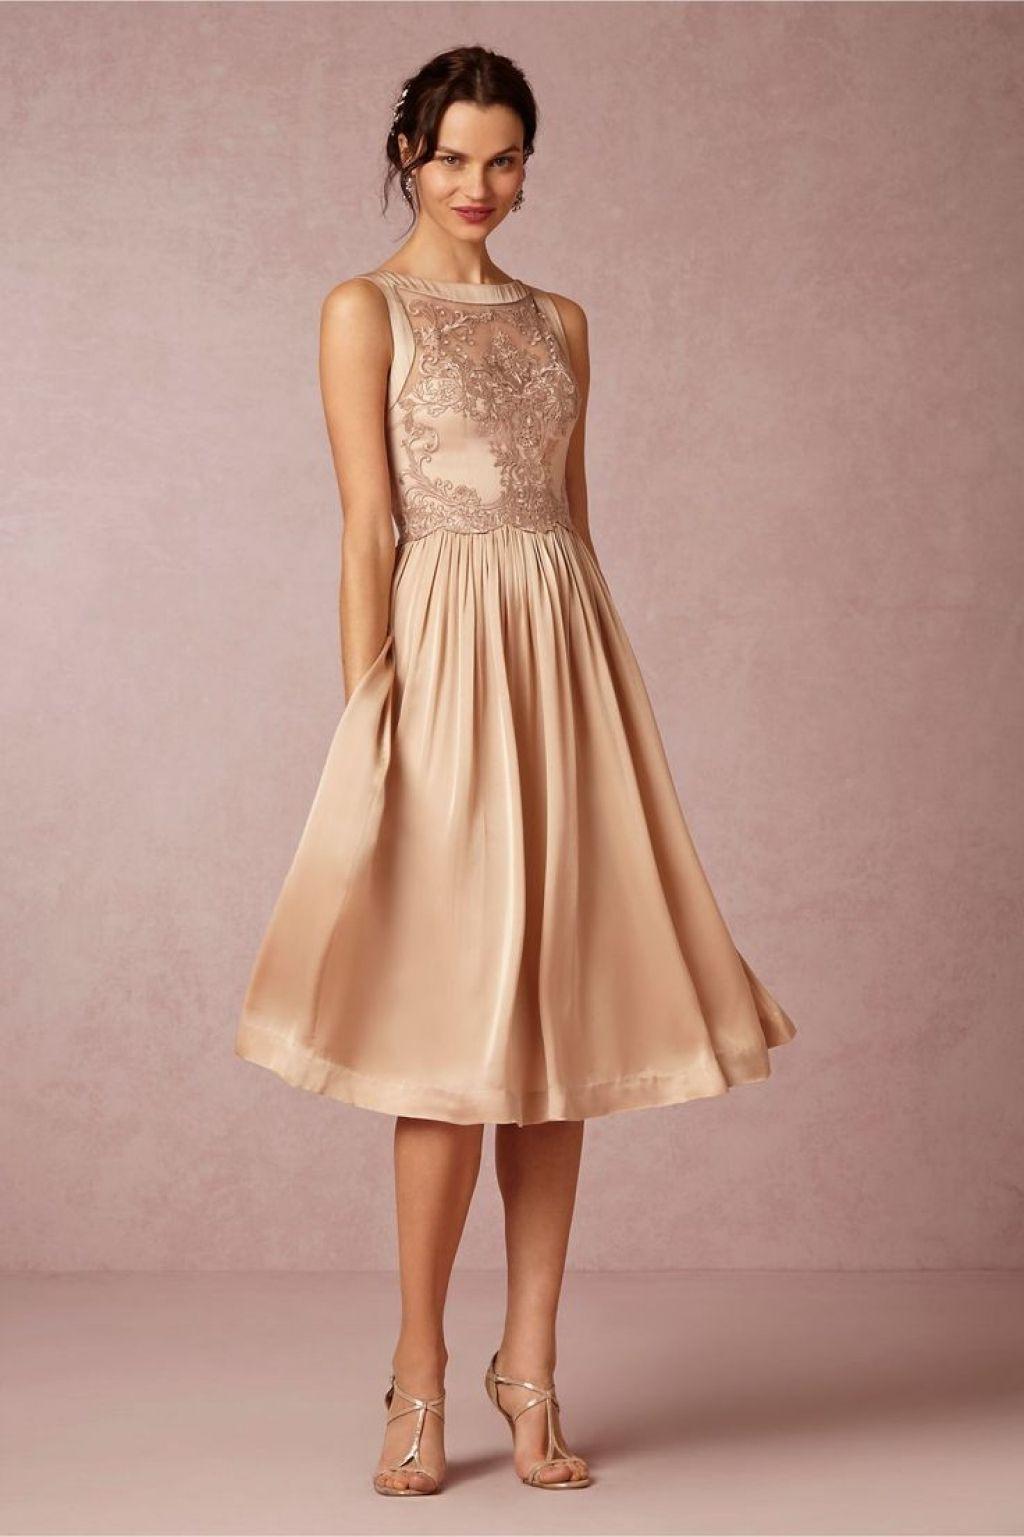 15 Perfekt Festliche Kleider Zur Hochzeit Für Brautmutter